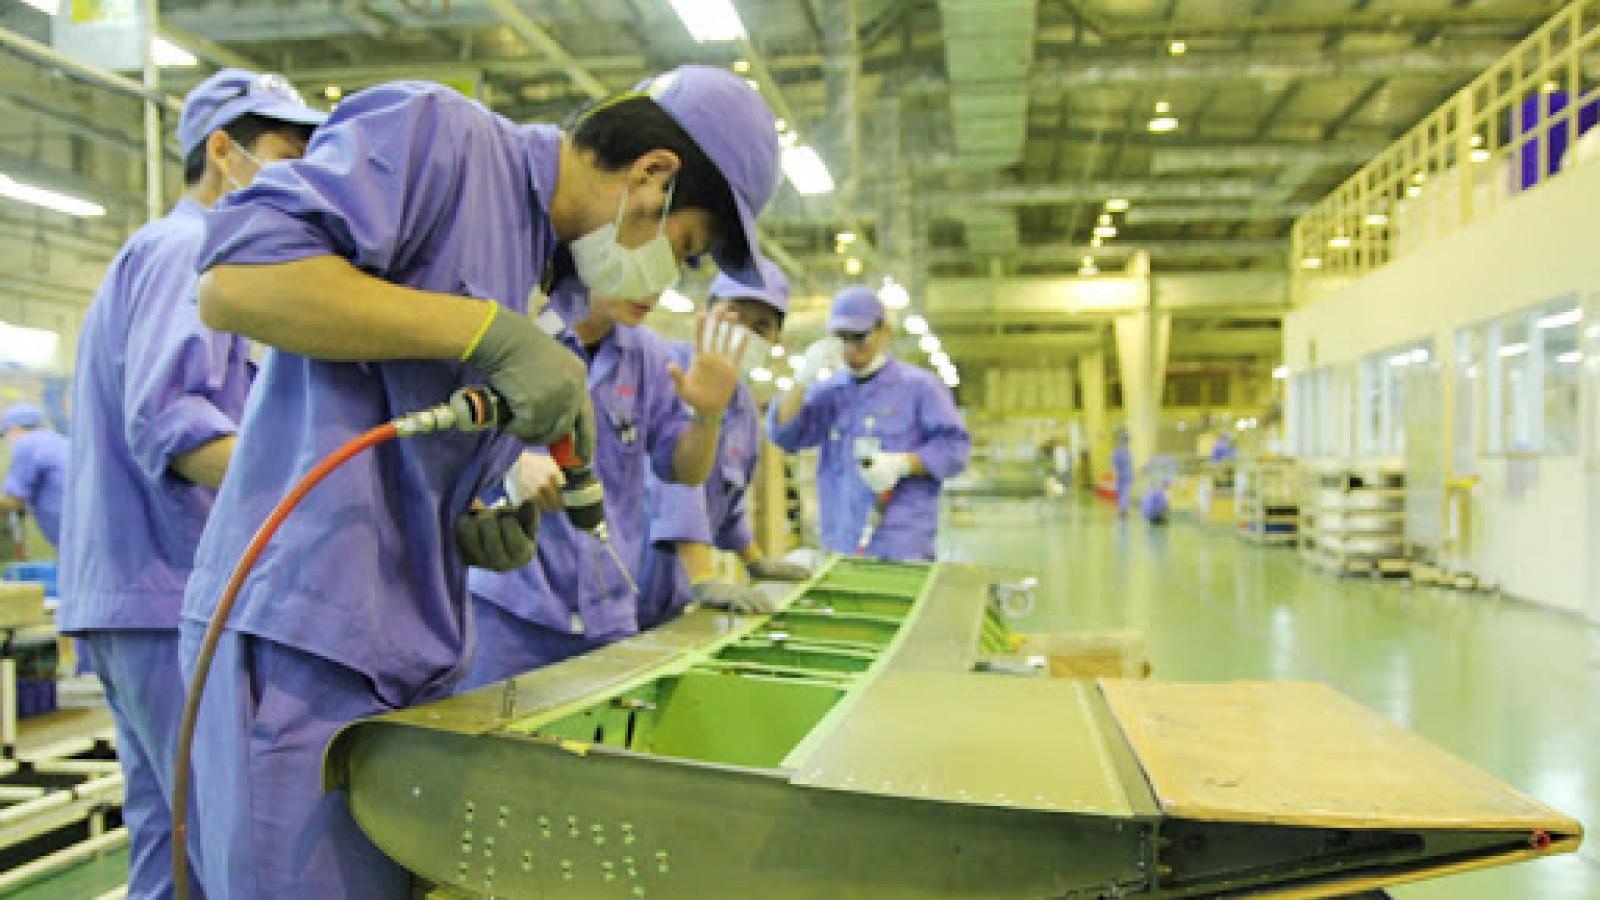 Tăng trưởng kinh tế Việt Nam bị ảnh hưởng bởi làn sóng Covid-19 mới